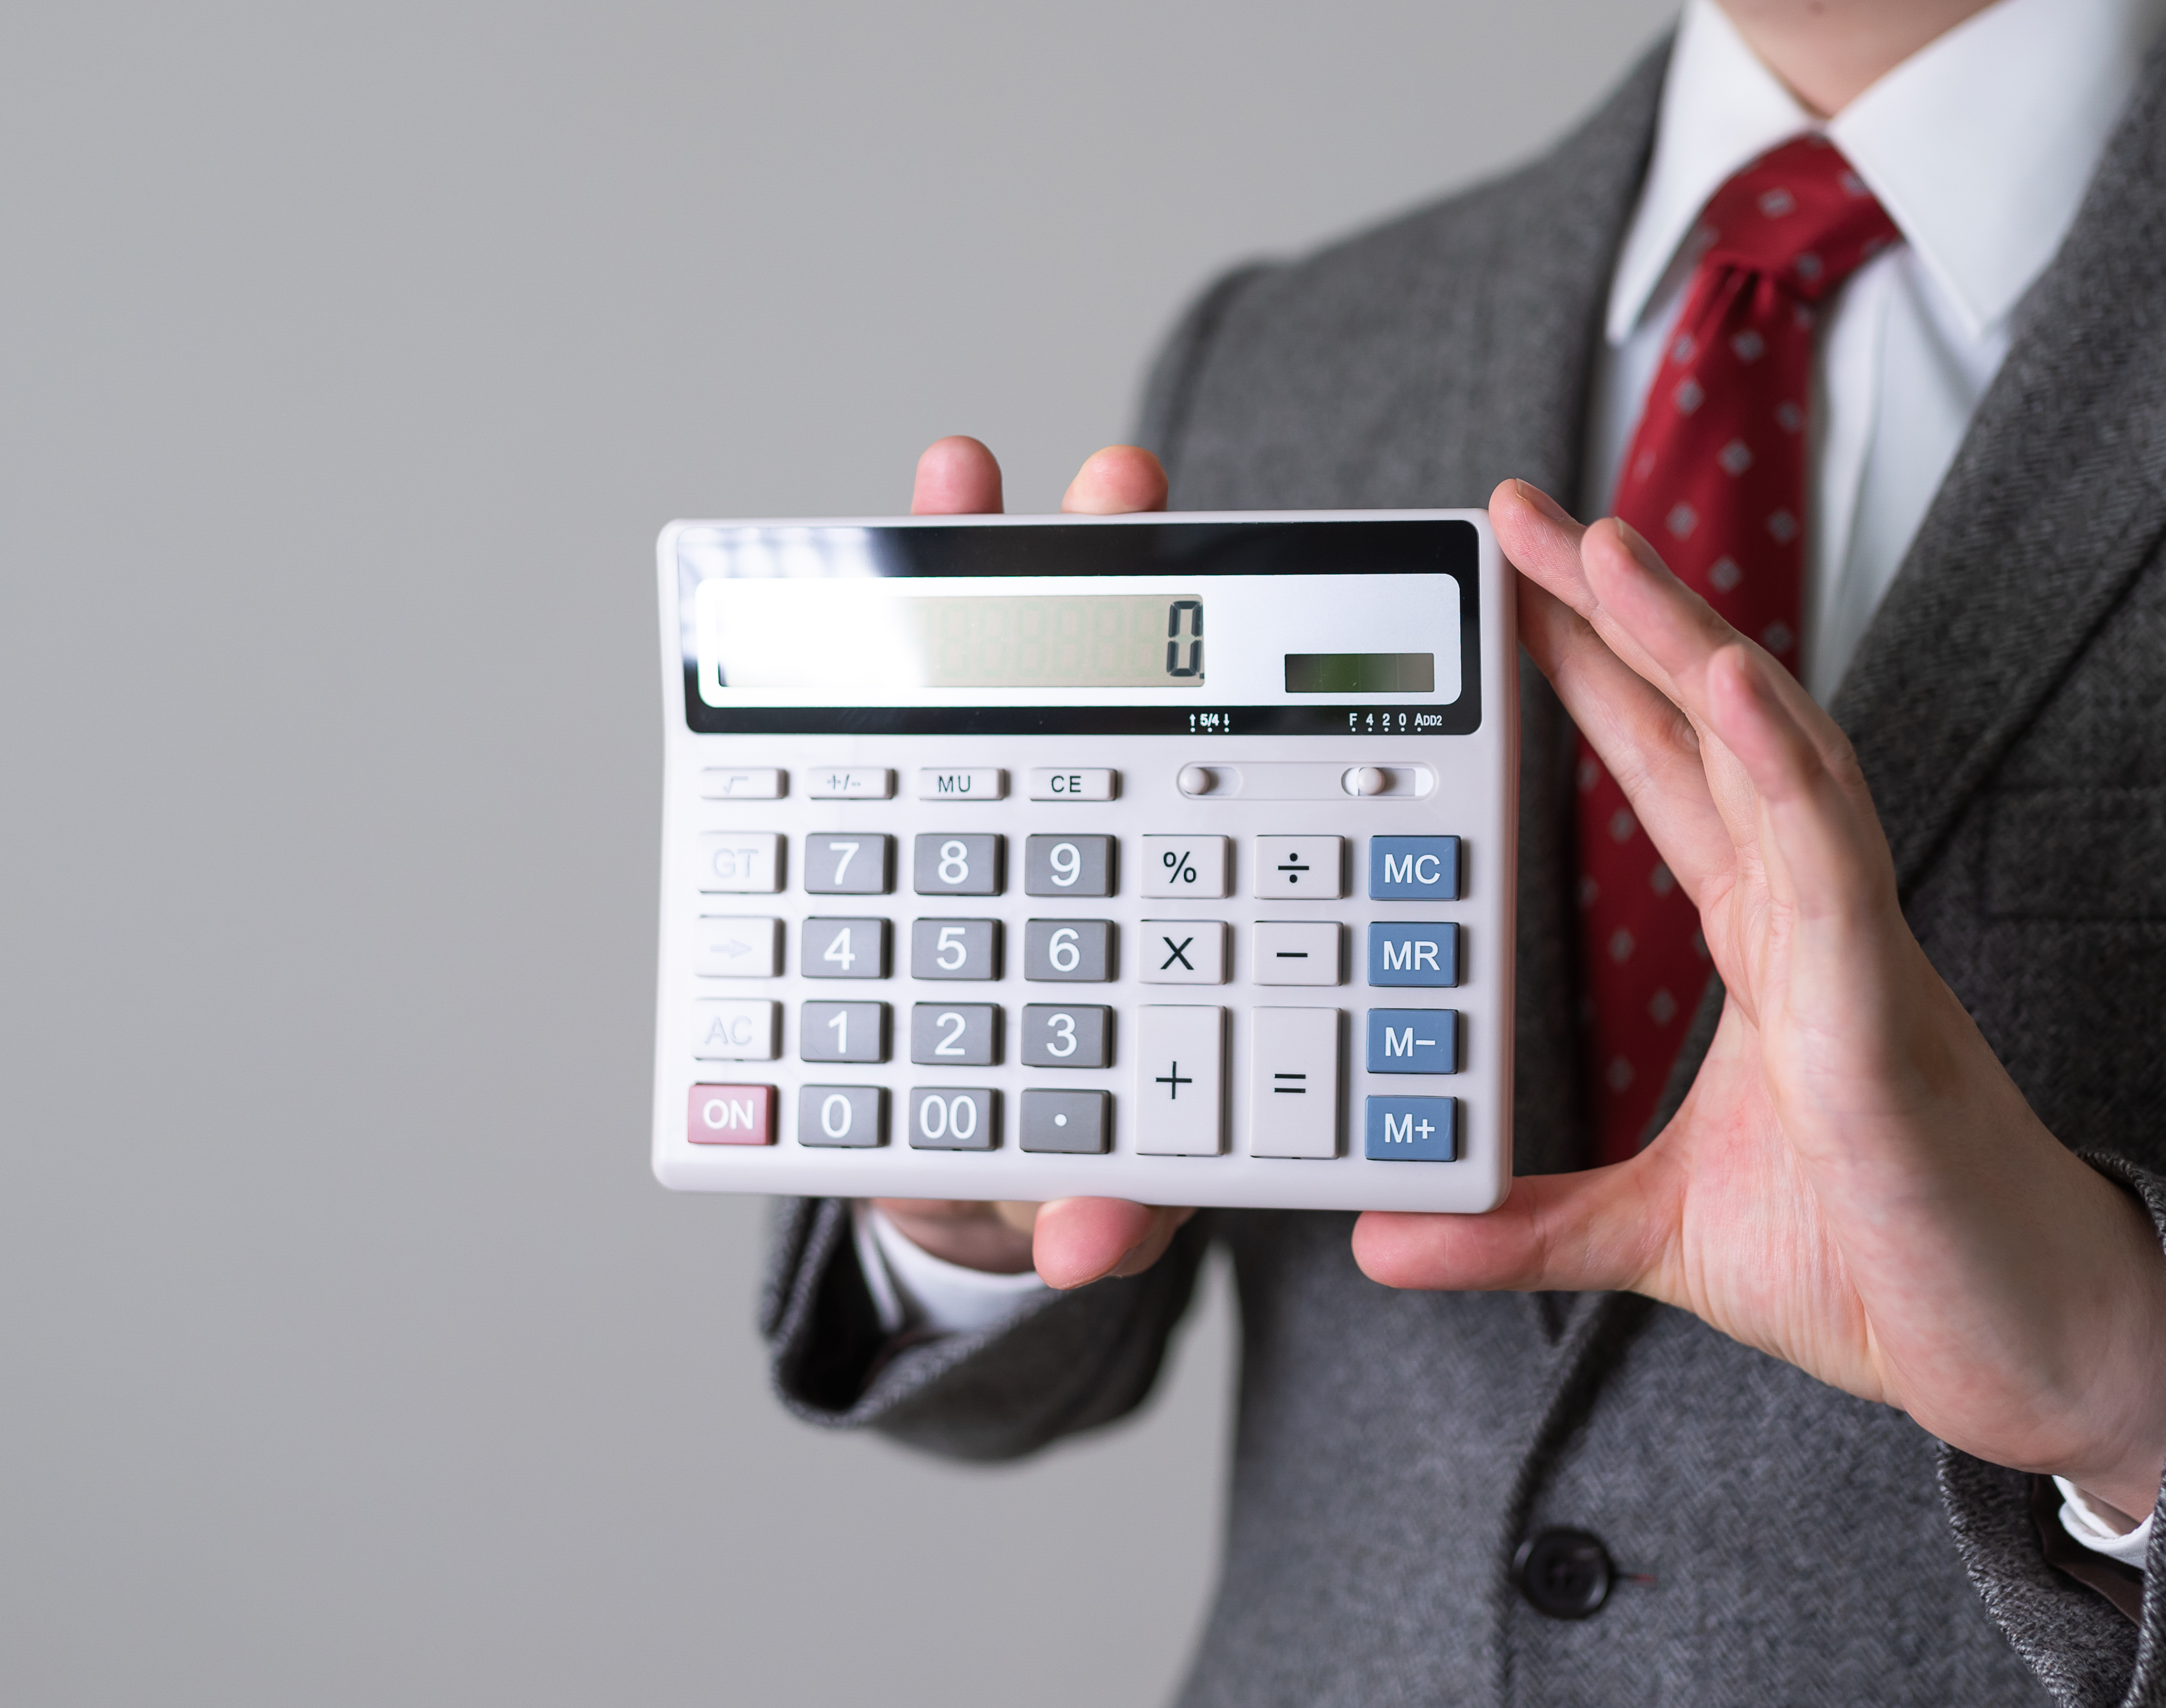 銀行借入よりもお得な「会社借入制度」なら利率1%で借り入れできる!